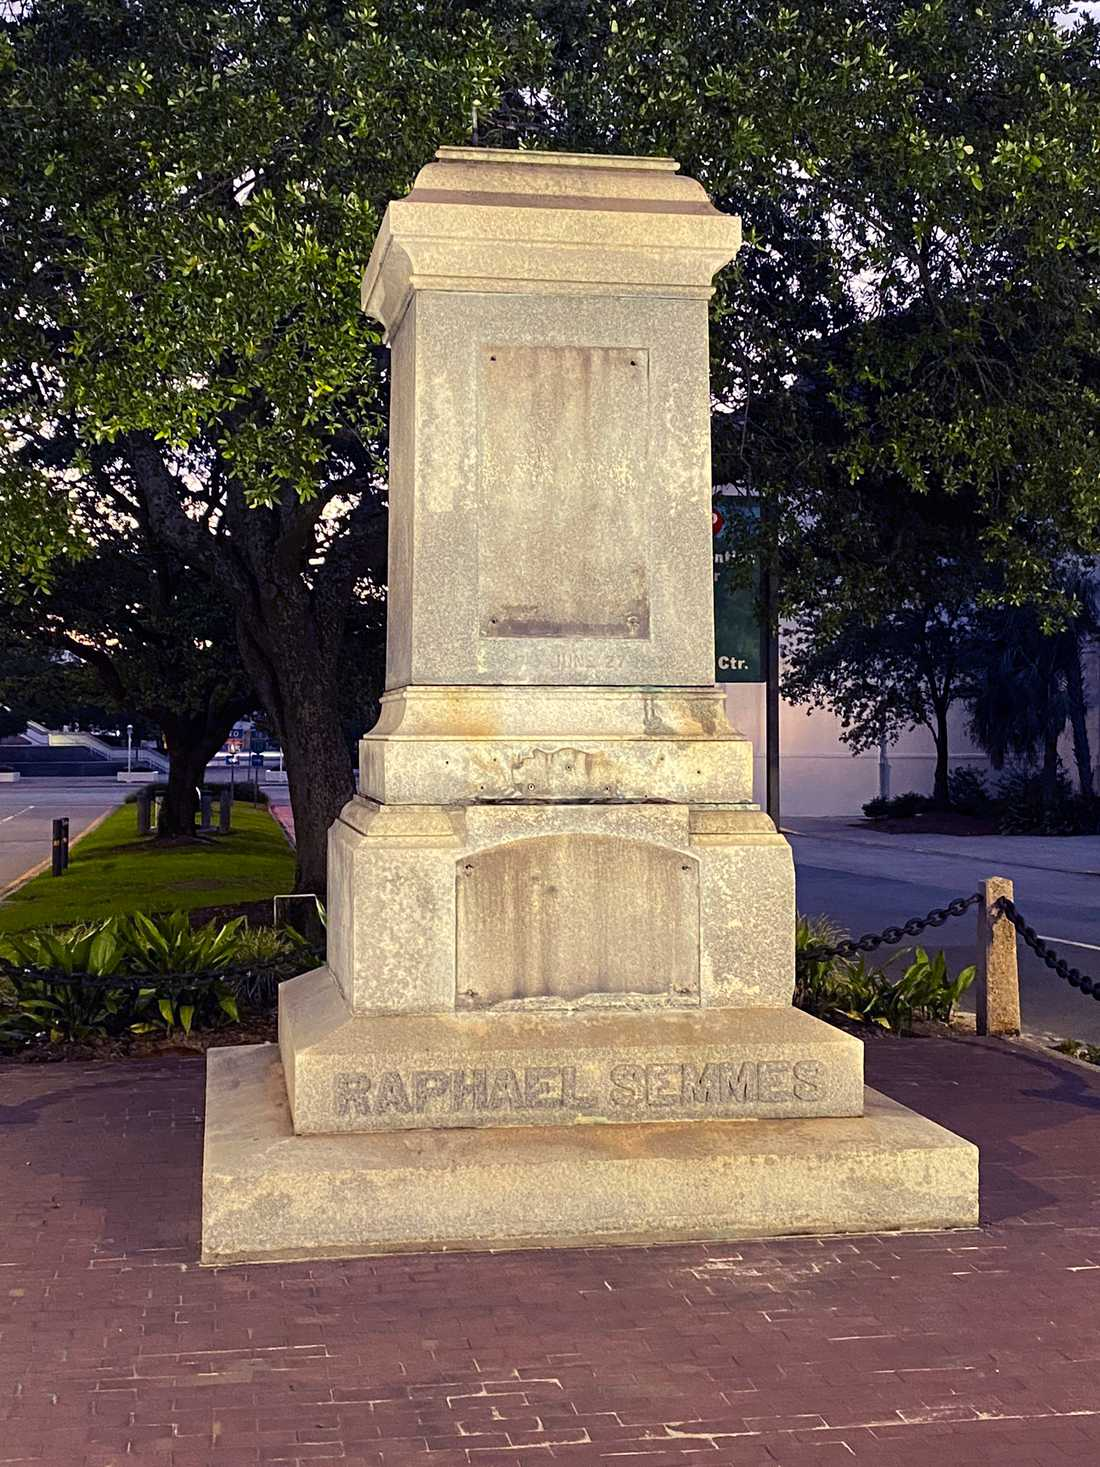 Sockeln där en staty av sydstatsamiralen Raphael Semmes tidigare stod i Mobile i Alabama.